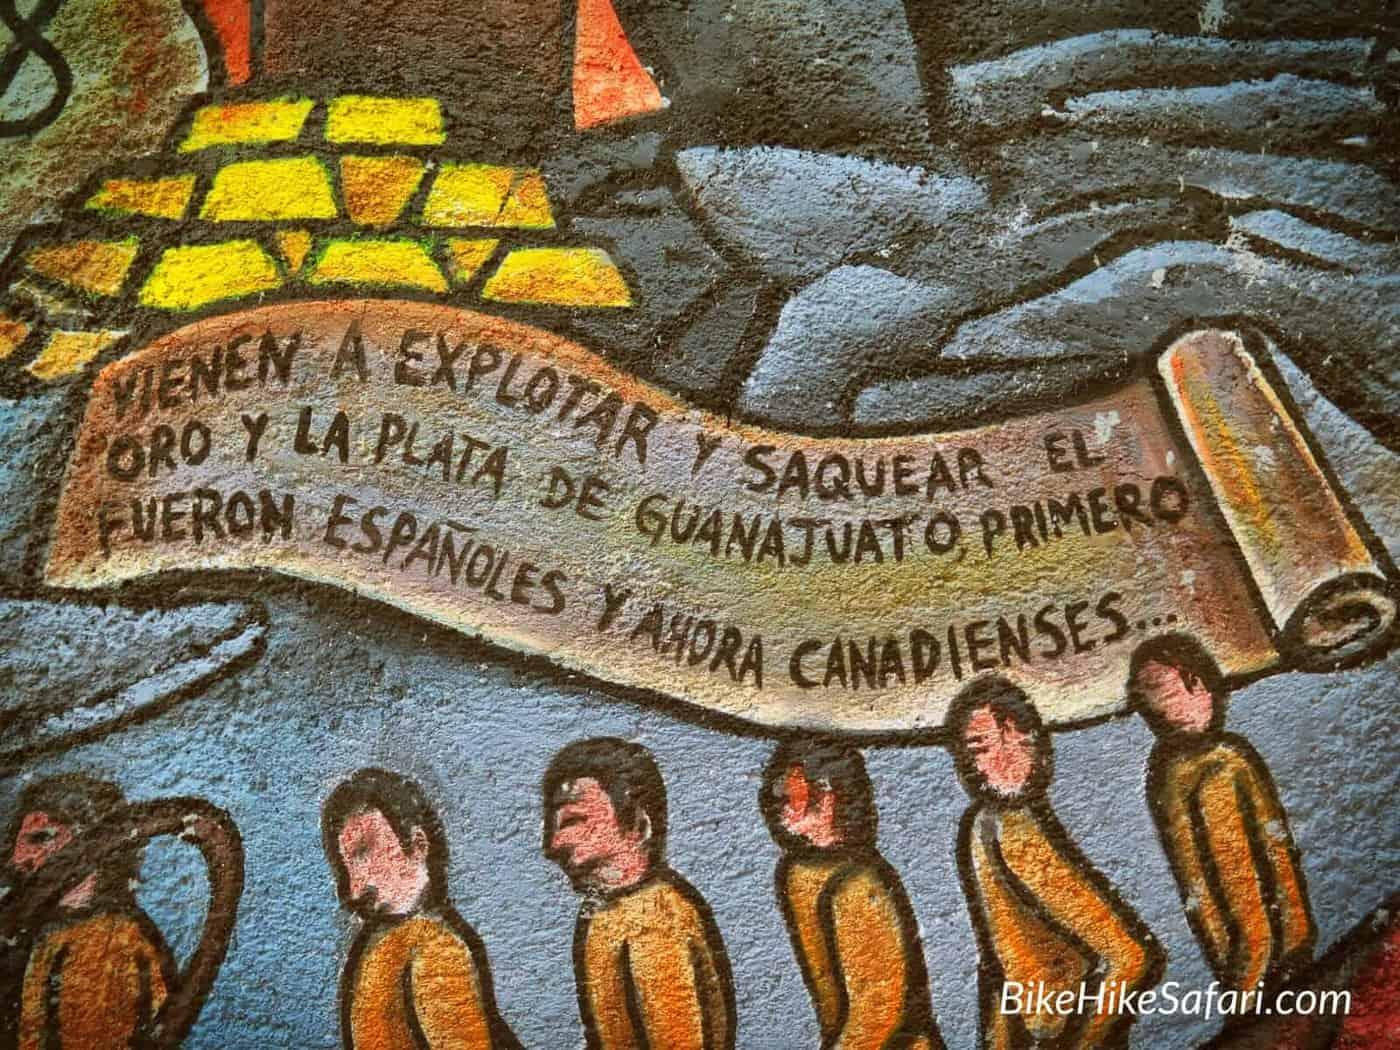 Guanajuato grafiti